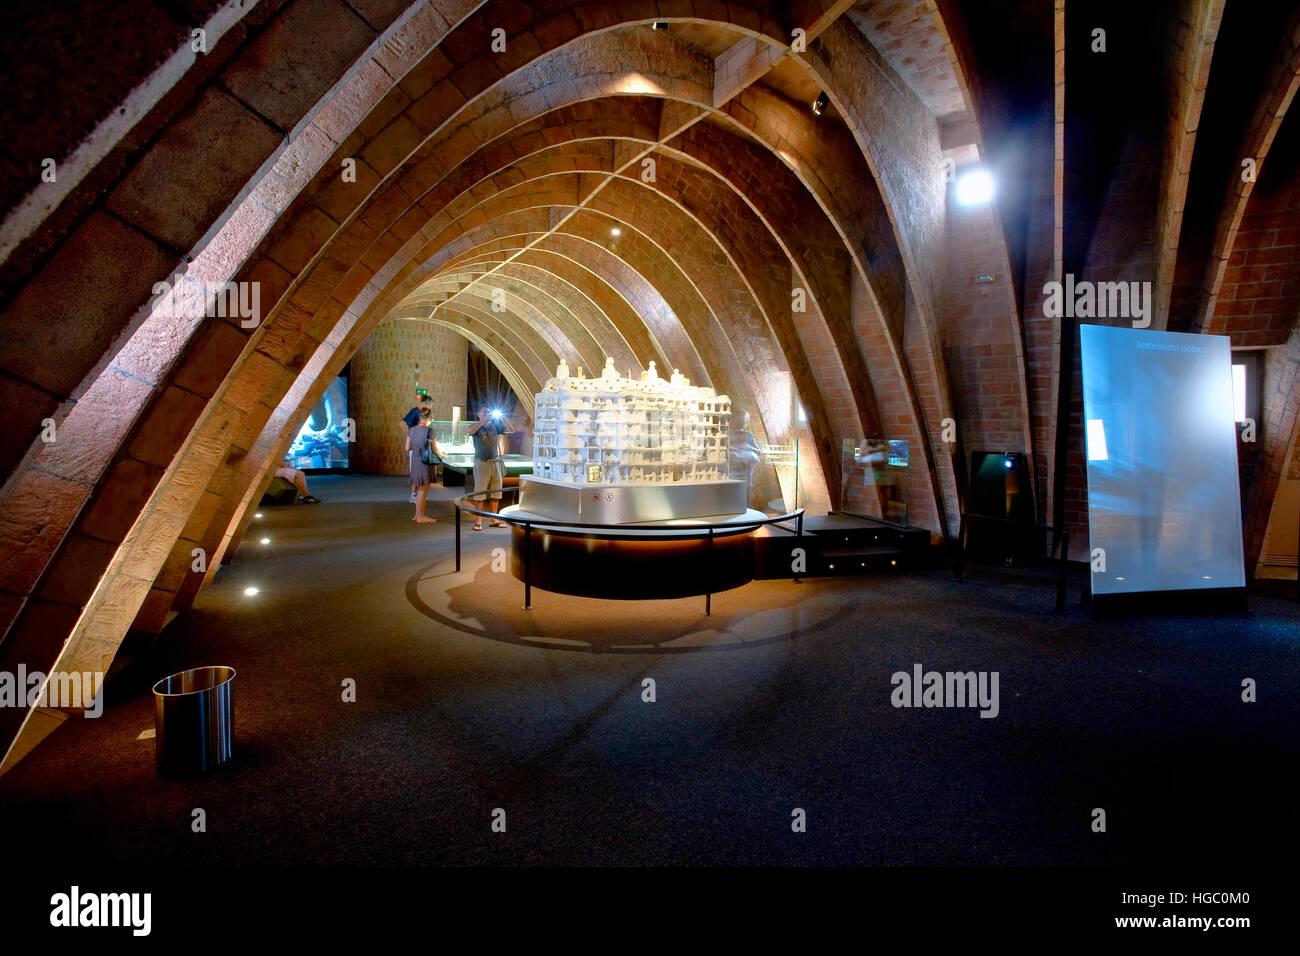 The 'Espai Gaudi' in the attic of 'La Pedrera'  in Barcelona - Stock Image